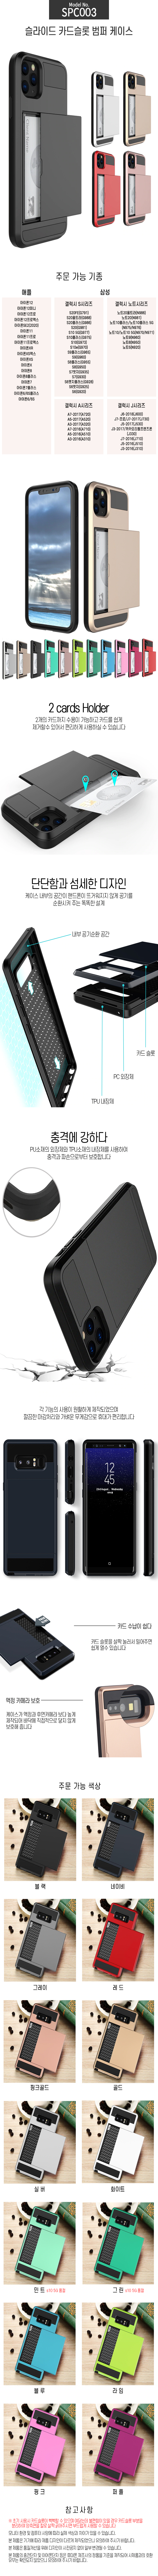 갤럭시노트10 9 8 S10 S9 S8 아이폰11 XR XS 8 7 6플러스 카드홀더 핸드폰케이스 - 수나르, 11,800원, 케이스, 기타 스마트폰